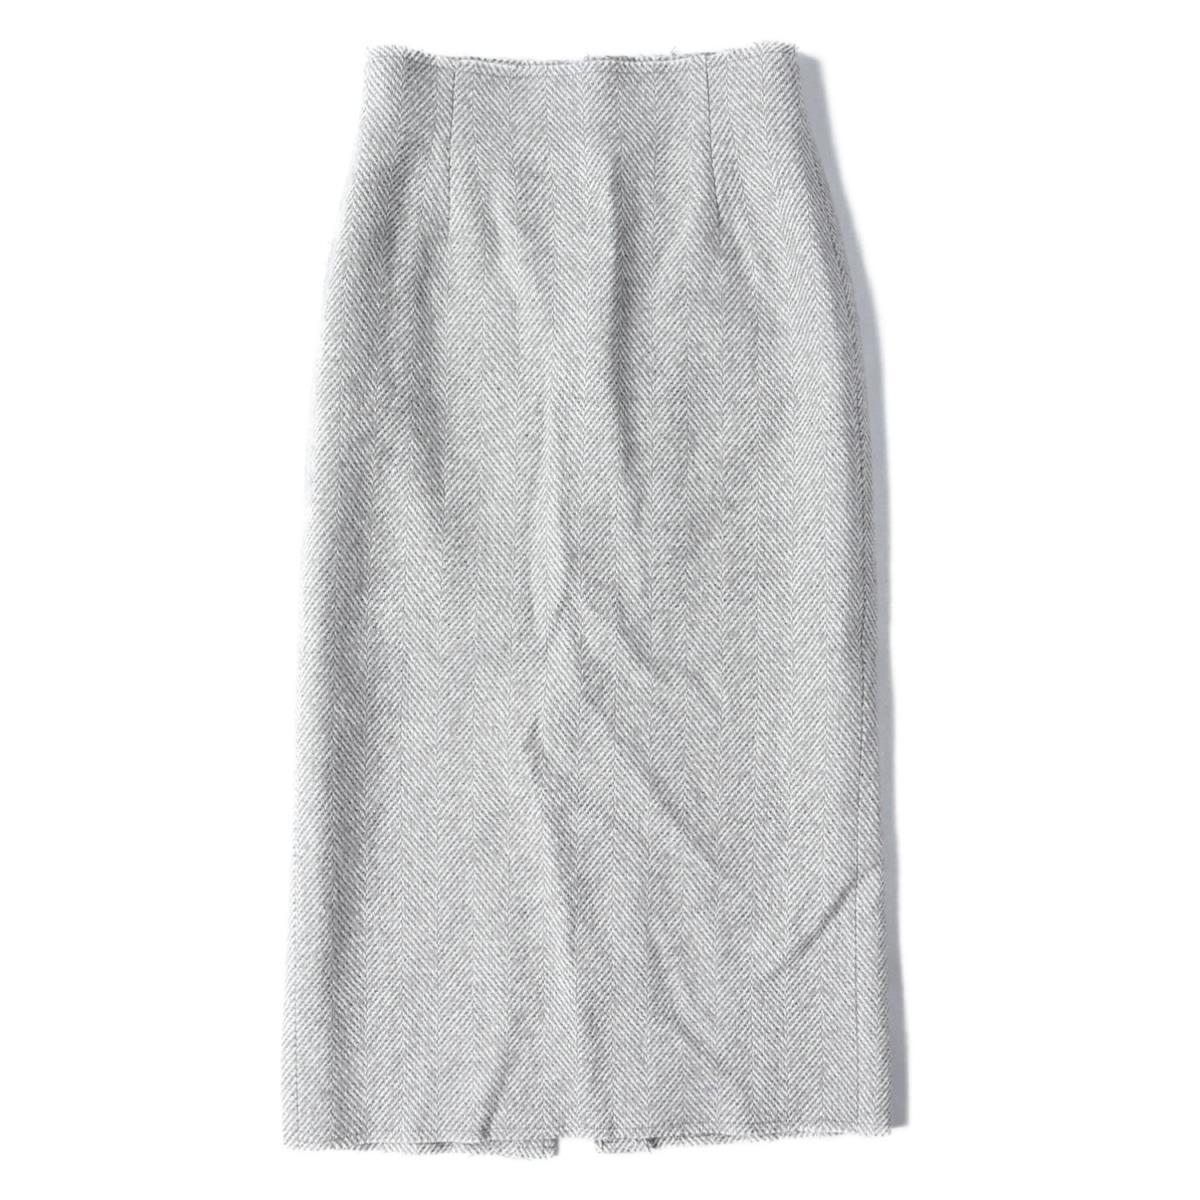 Plage プラージュ Tweed Tight ツイード タイト スカート 19秋冬 グレー 34(XS) 【レディース】【中古】【美品】【K2565】